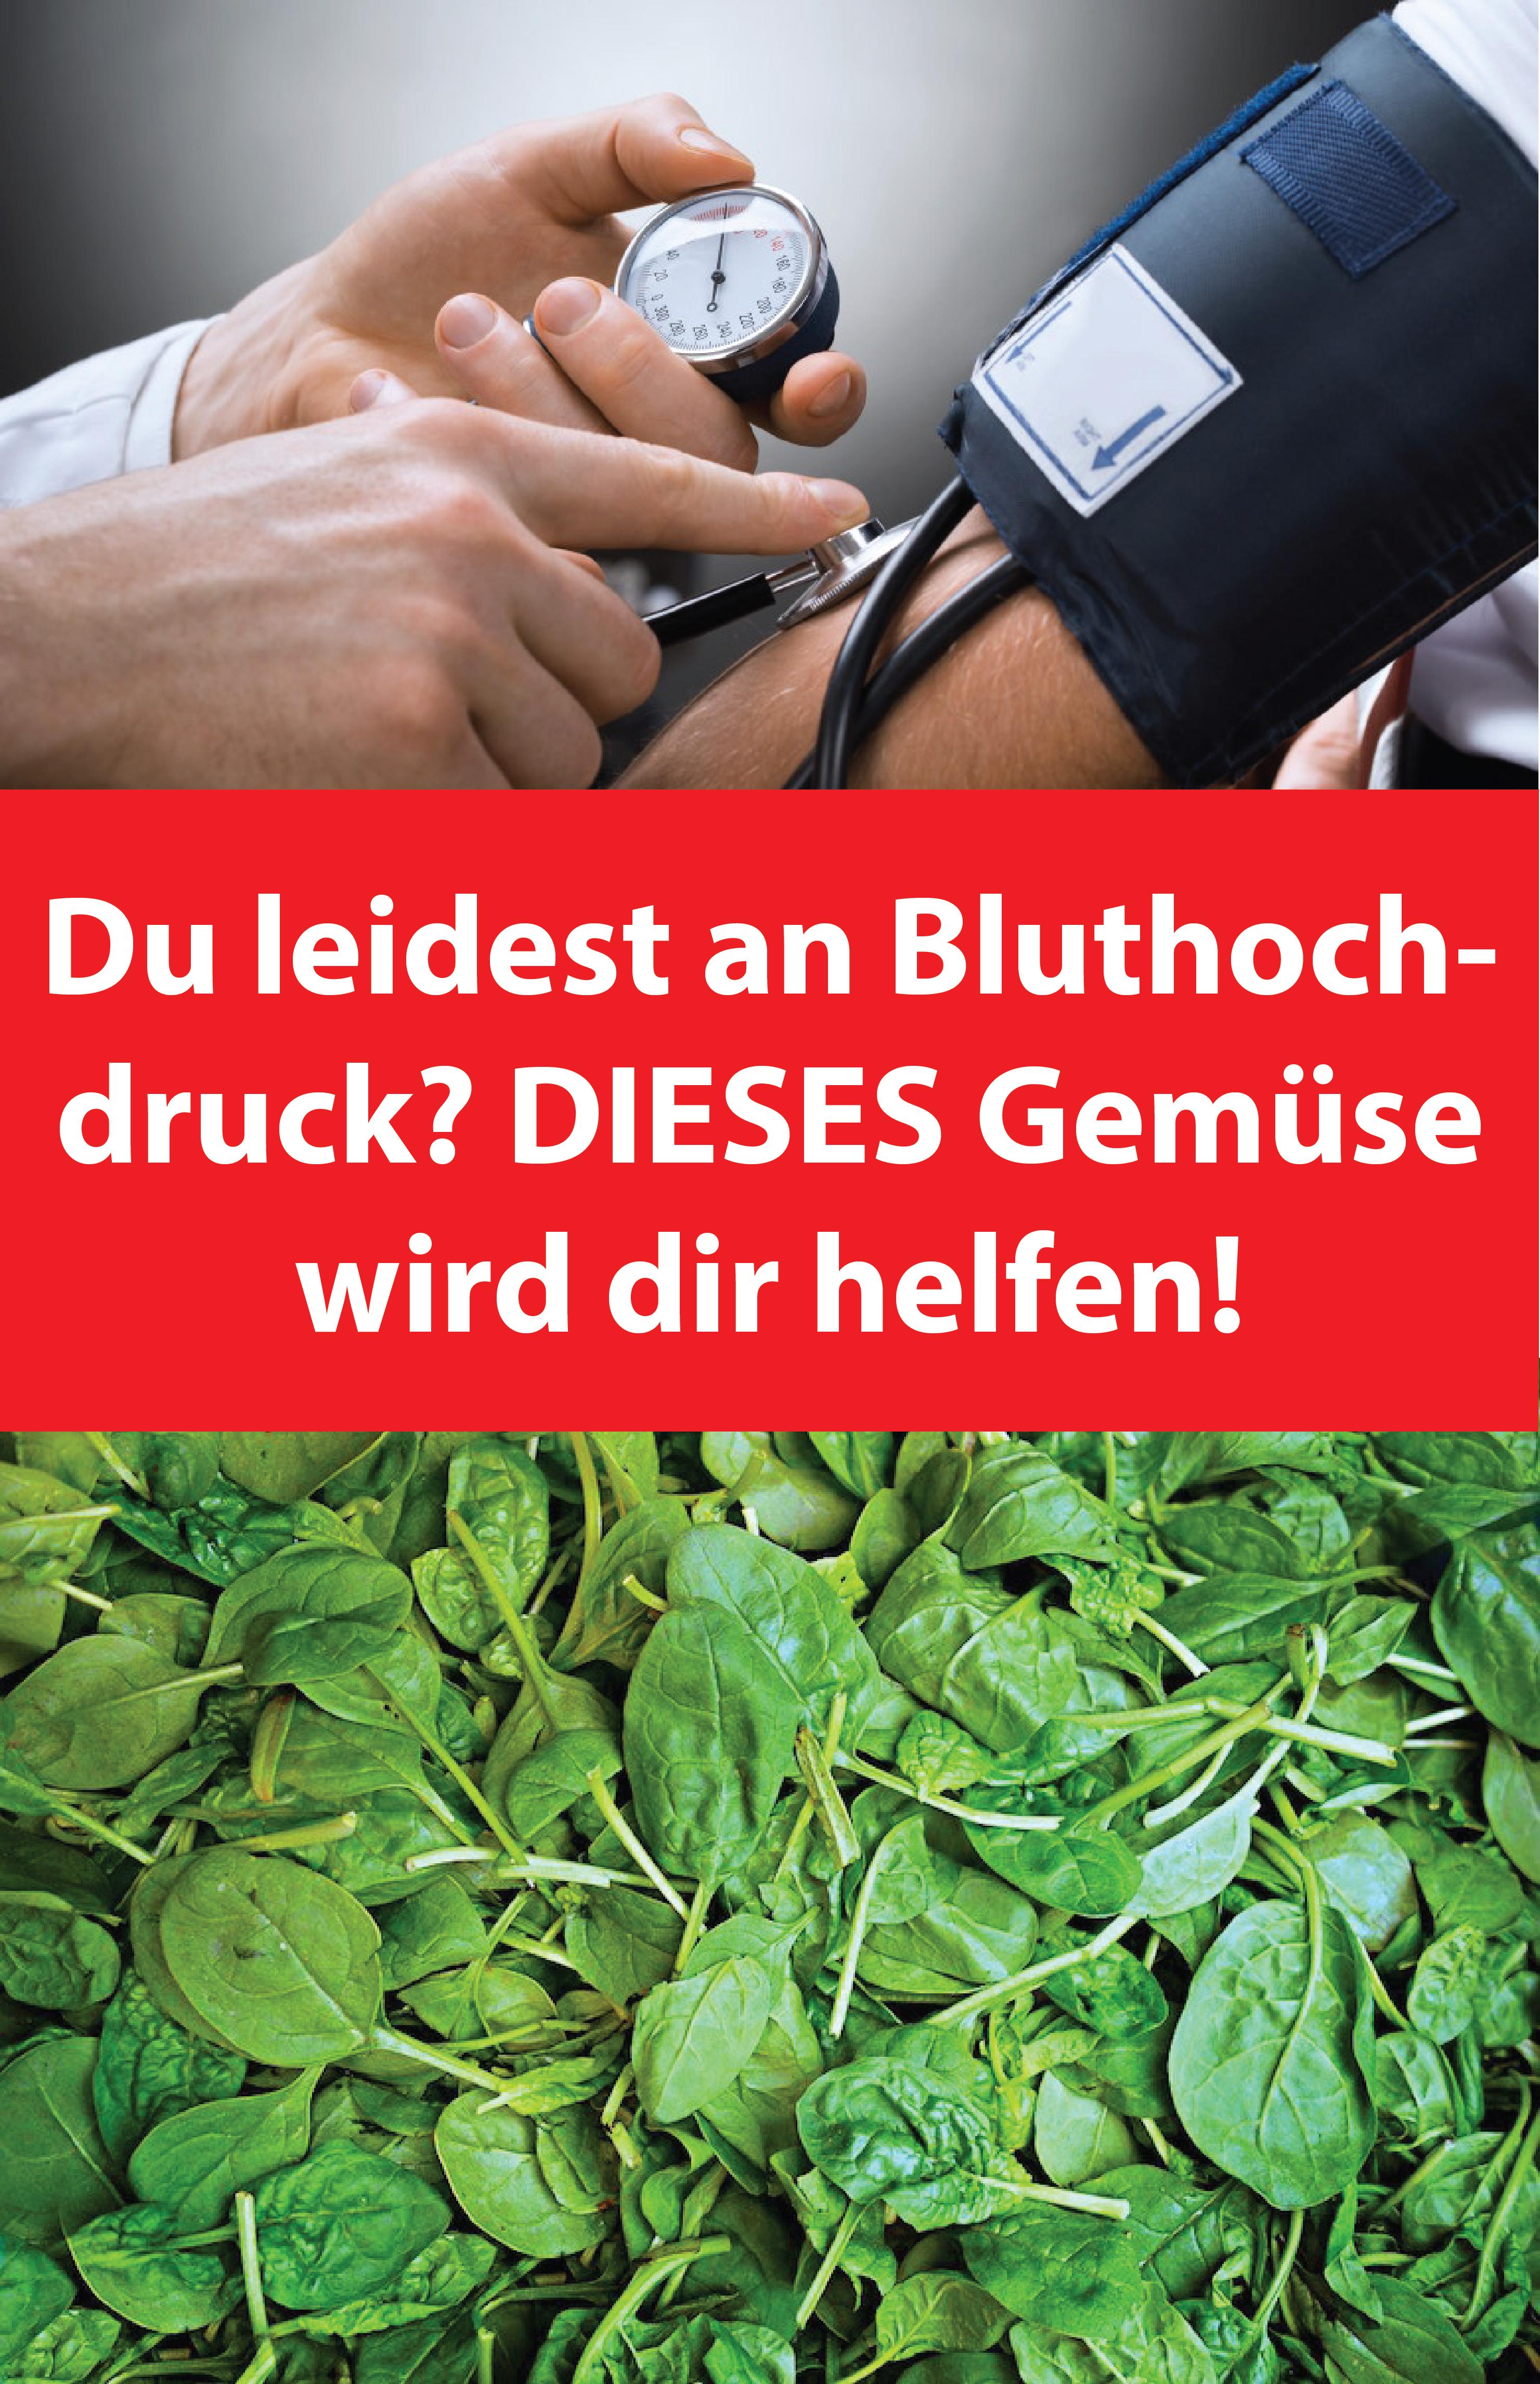 Du leidest an Bluthochdruck? DIESES Gemüse wird dir helfen!width=